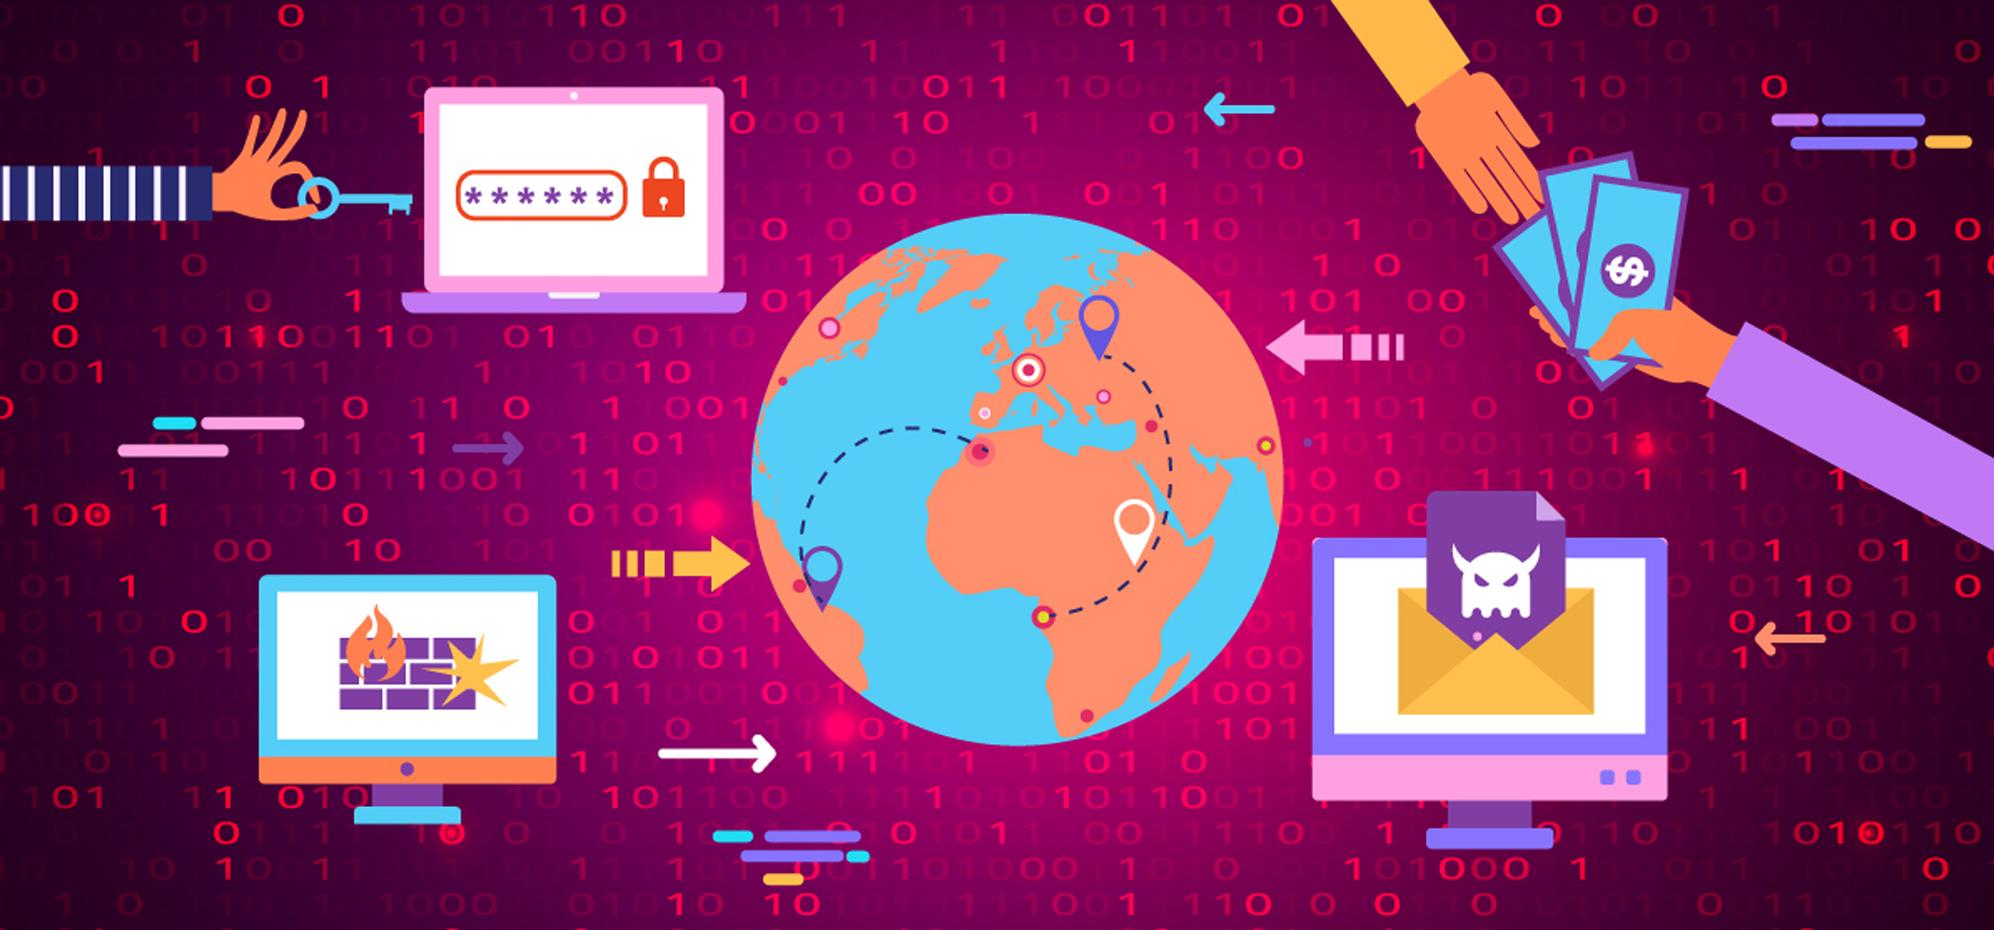 Los tres ciberataques más grandes de 2019 dejan varias lecciones sobre las amenazas cibernéticas.